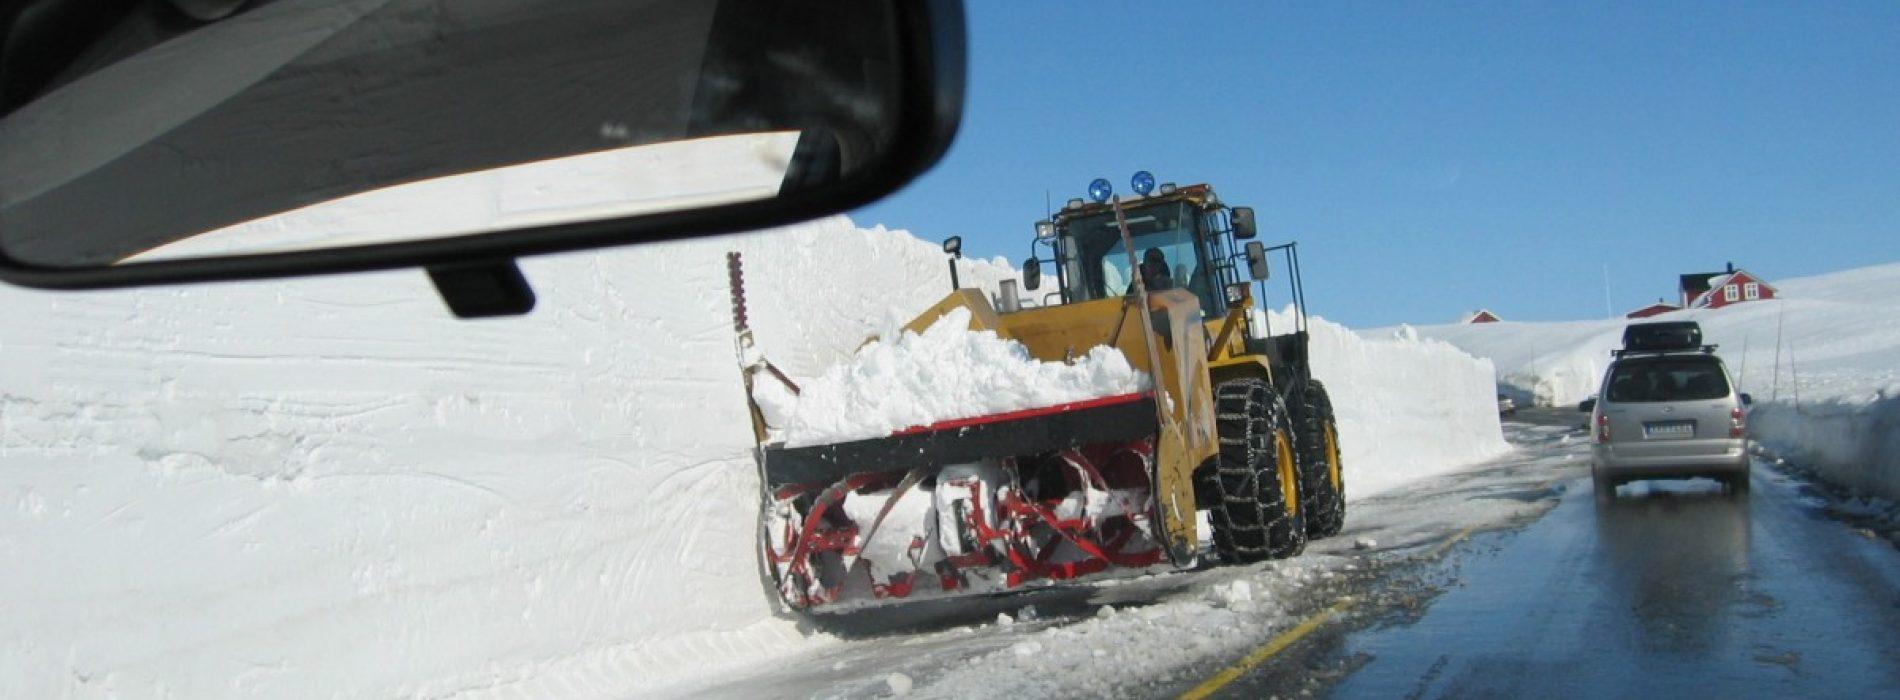 Cum conduci pe zăpadă, în condiții de siguranță